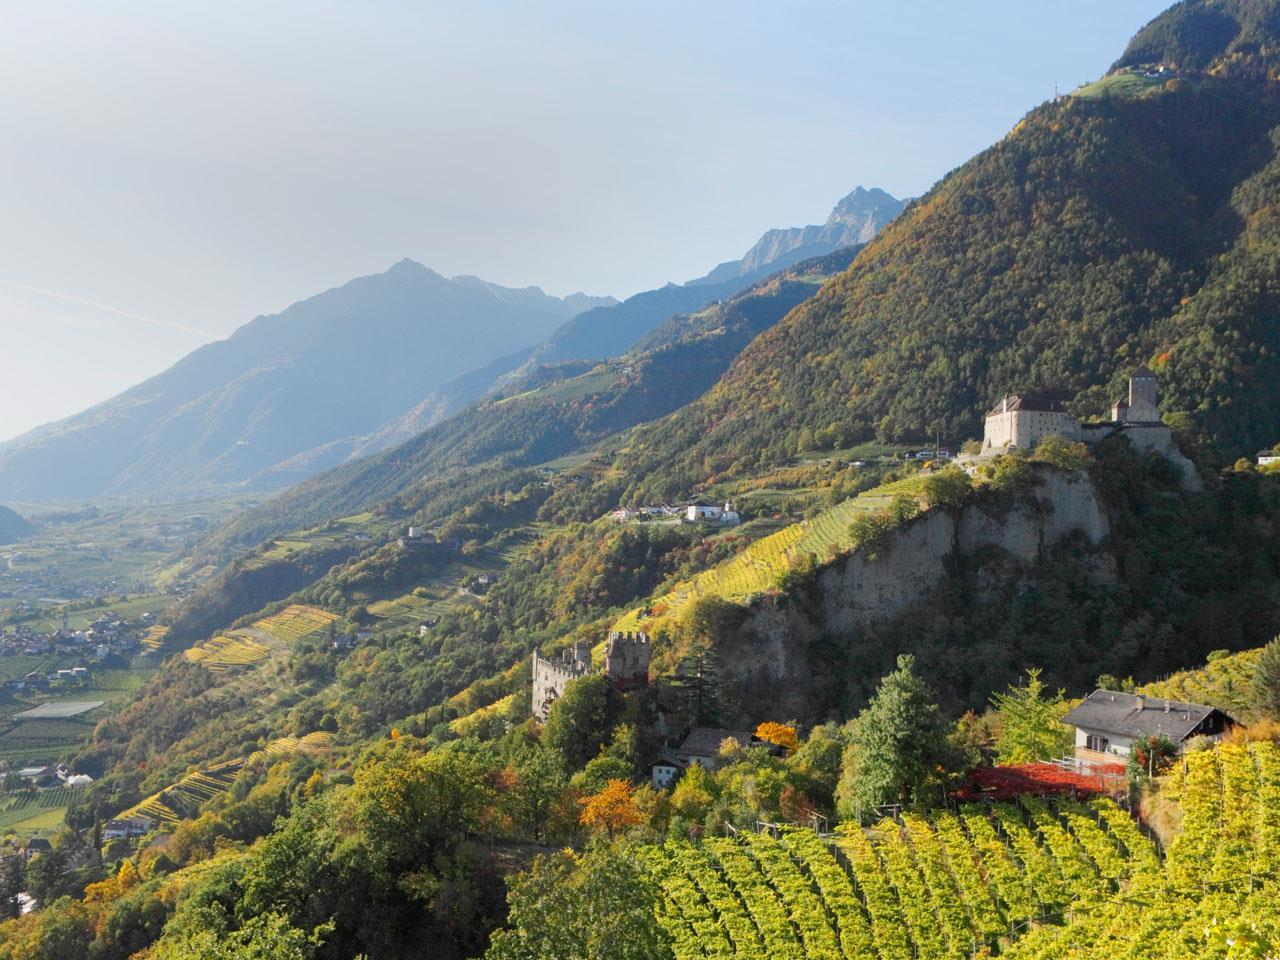 Blick auf Schloss Tirol, Brunnenburg und St. Peter